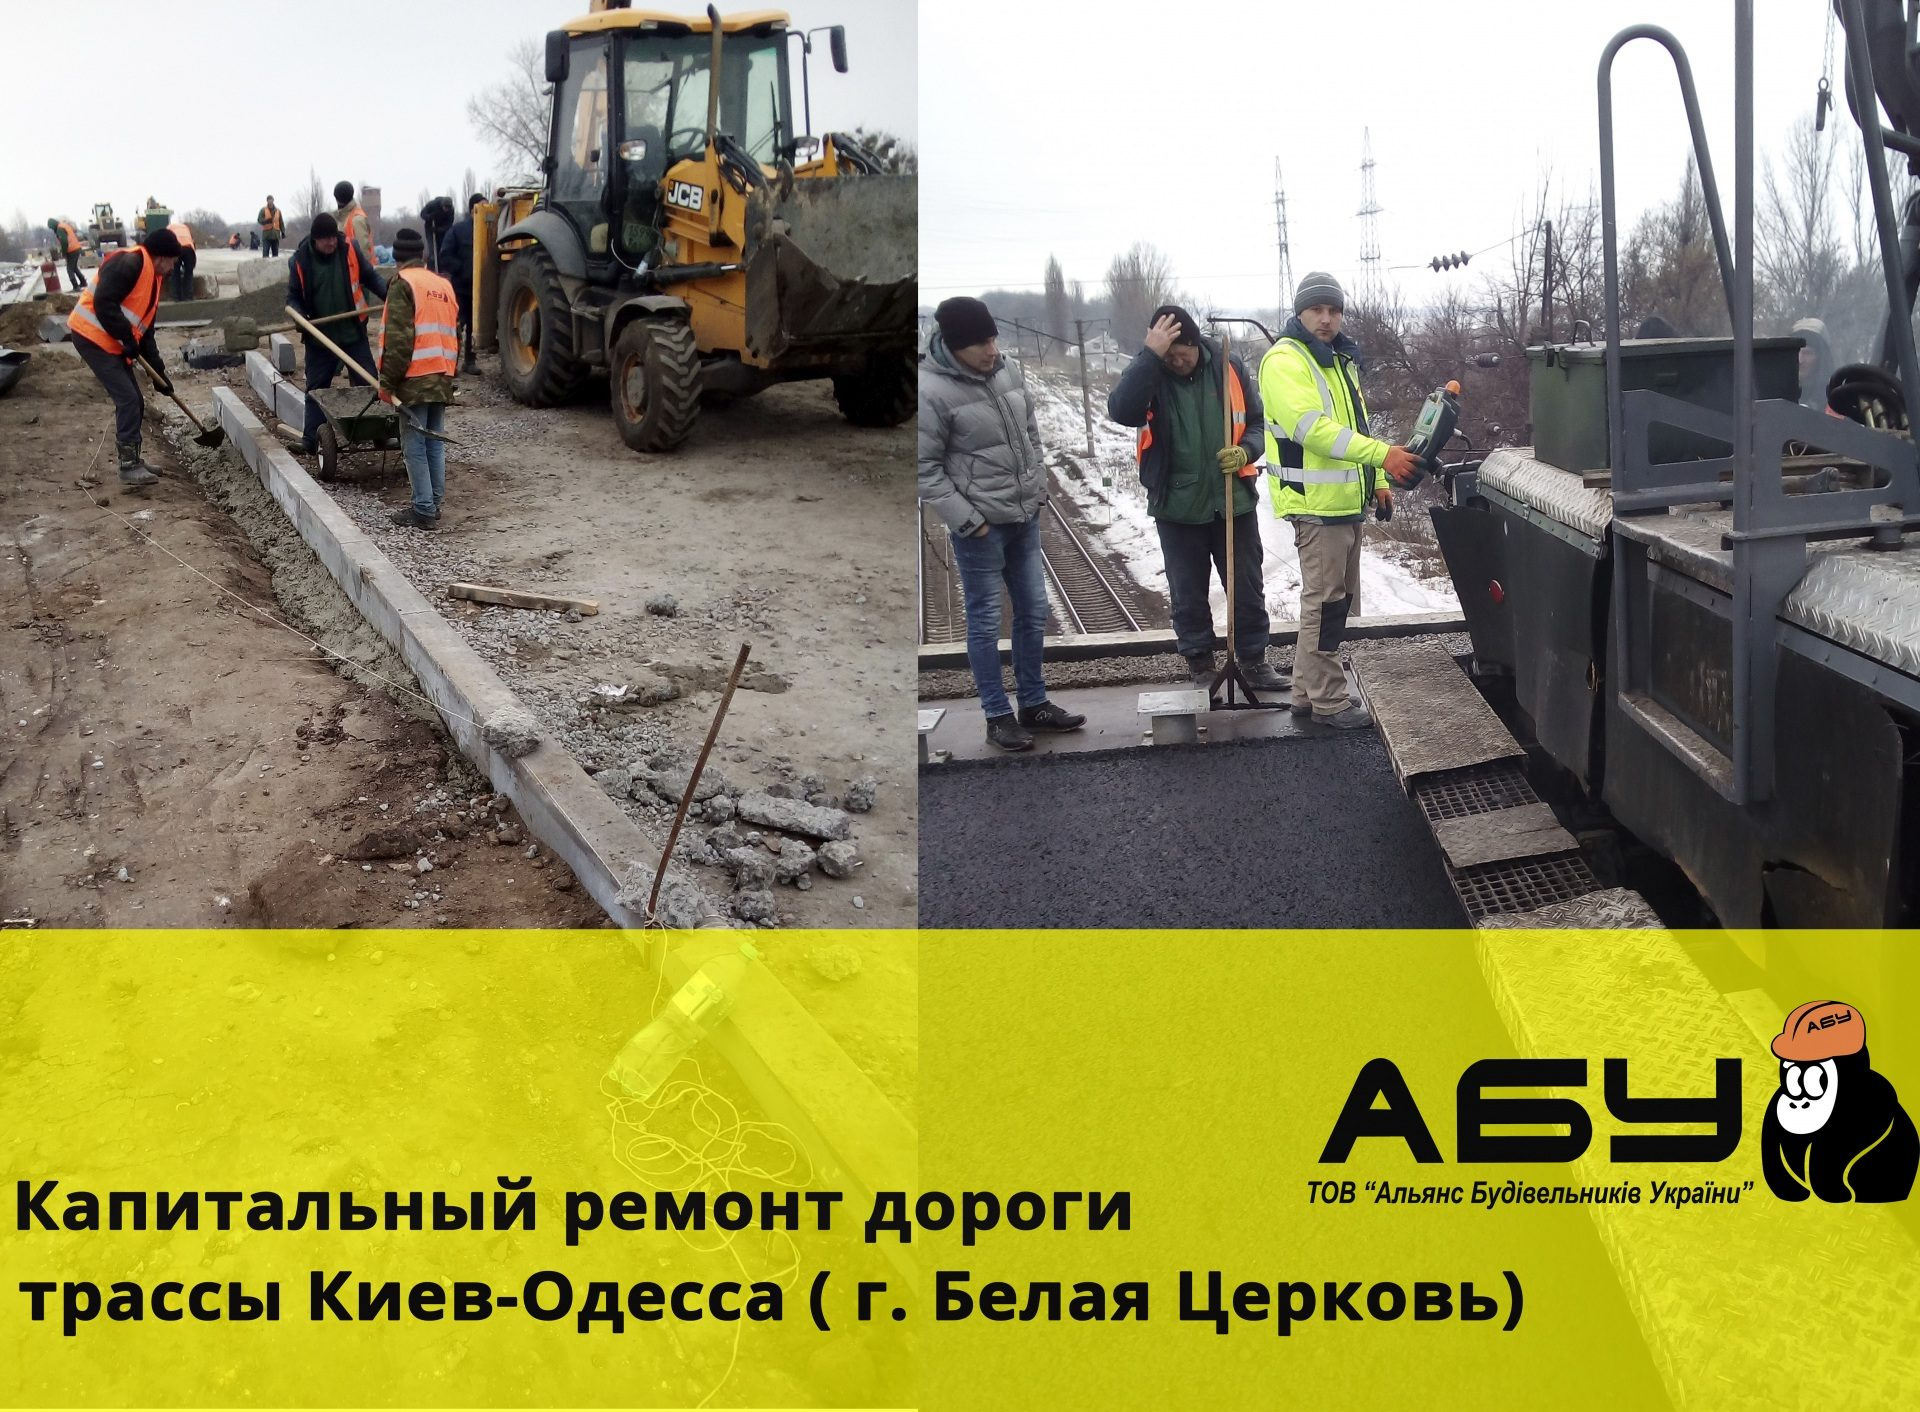 Капітальний ремонт дороги Київ-Одеса (м. Біла Церква)